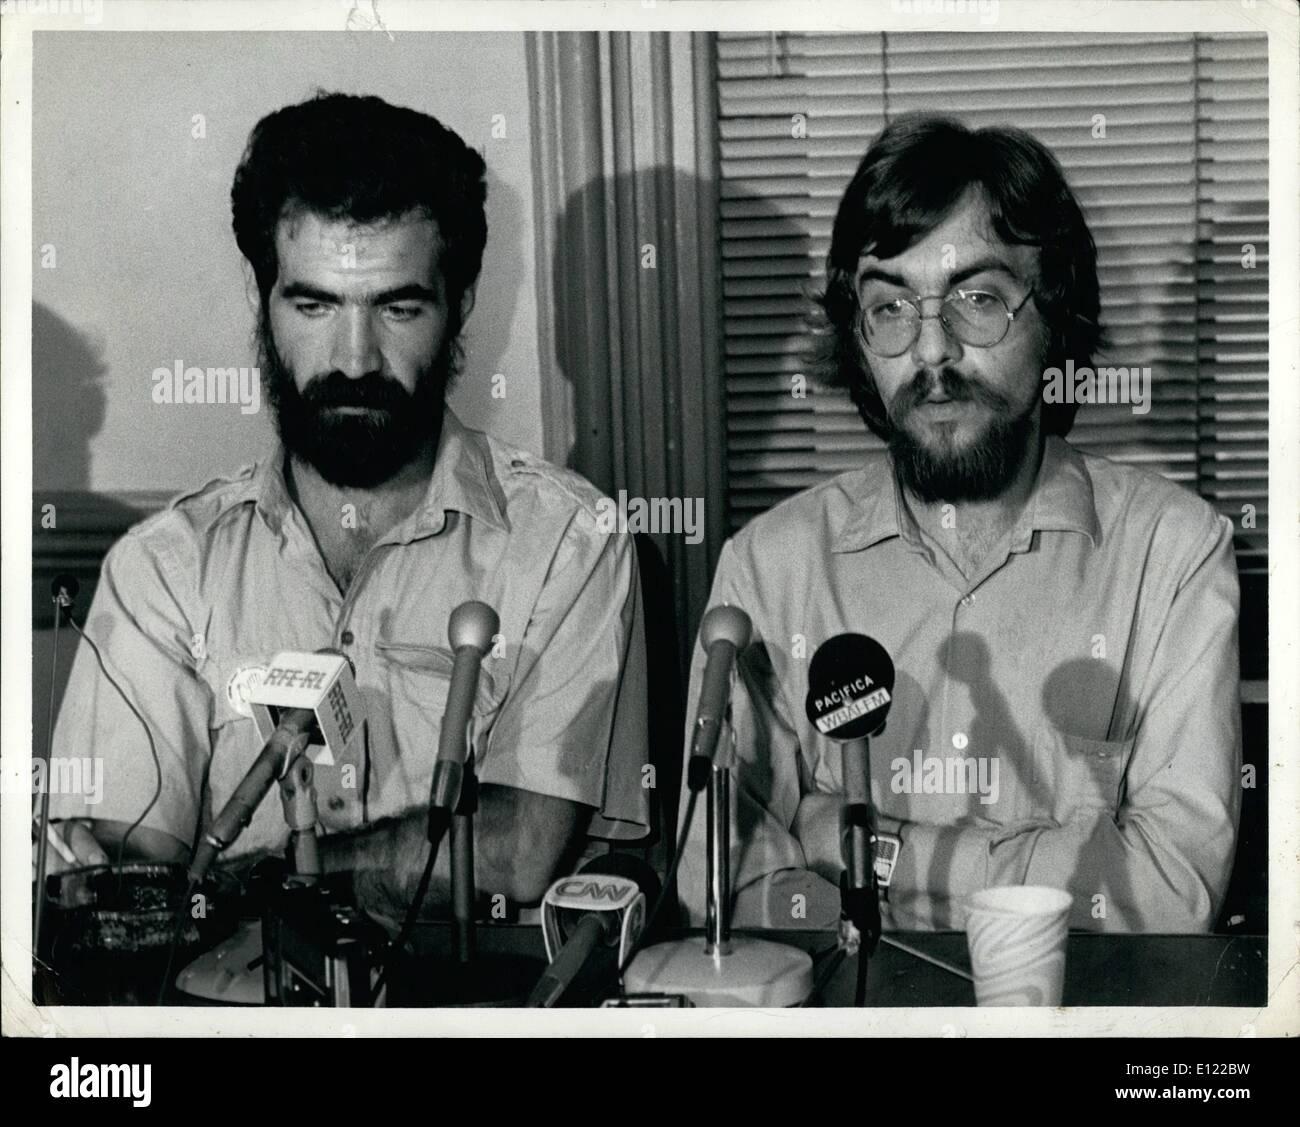 Jun 06, 1983 - El jueves 30 de junio de 1983, la ciudad de Nueva York. Uno de los fundadores de las repúblicas independientes, Sergei Batovrin Peace Corp, celebró su primera conferencia de prensa de hoy desde la llegada de la Unión Soviética. El Sr. Batovrin quien ayudó a fundar el ''grupo de confianza establecida entre la URSS y los EE.UU.'', fue encarcelado durante un mes en el Hospital nuerological psycho #114 en Moscú el año pasado y fue continuamente hostigados por las autoridades soviéticas hasta su expulsión forzosa el 19 de junio de este año. El Sr. Batovrin, un artista, estuvo en la conferencia de prensa con un compañero, fundador del grupo Mr Imagen De Stock